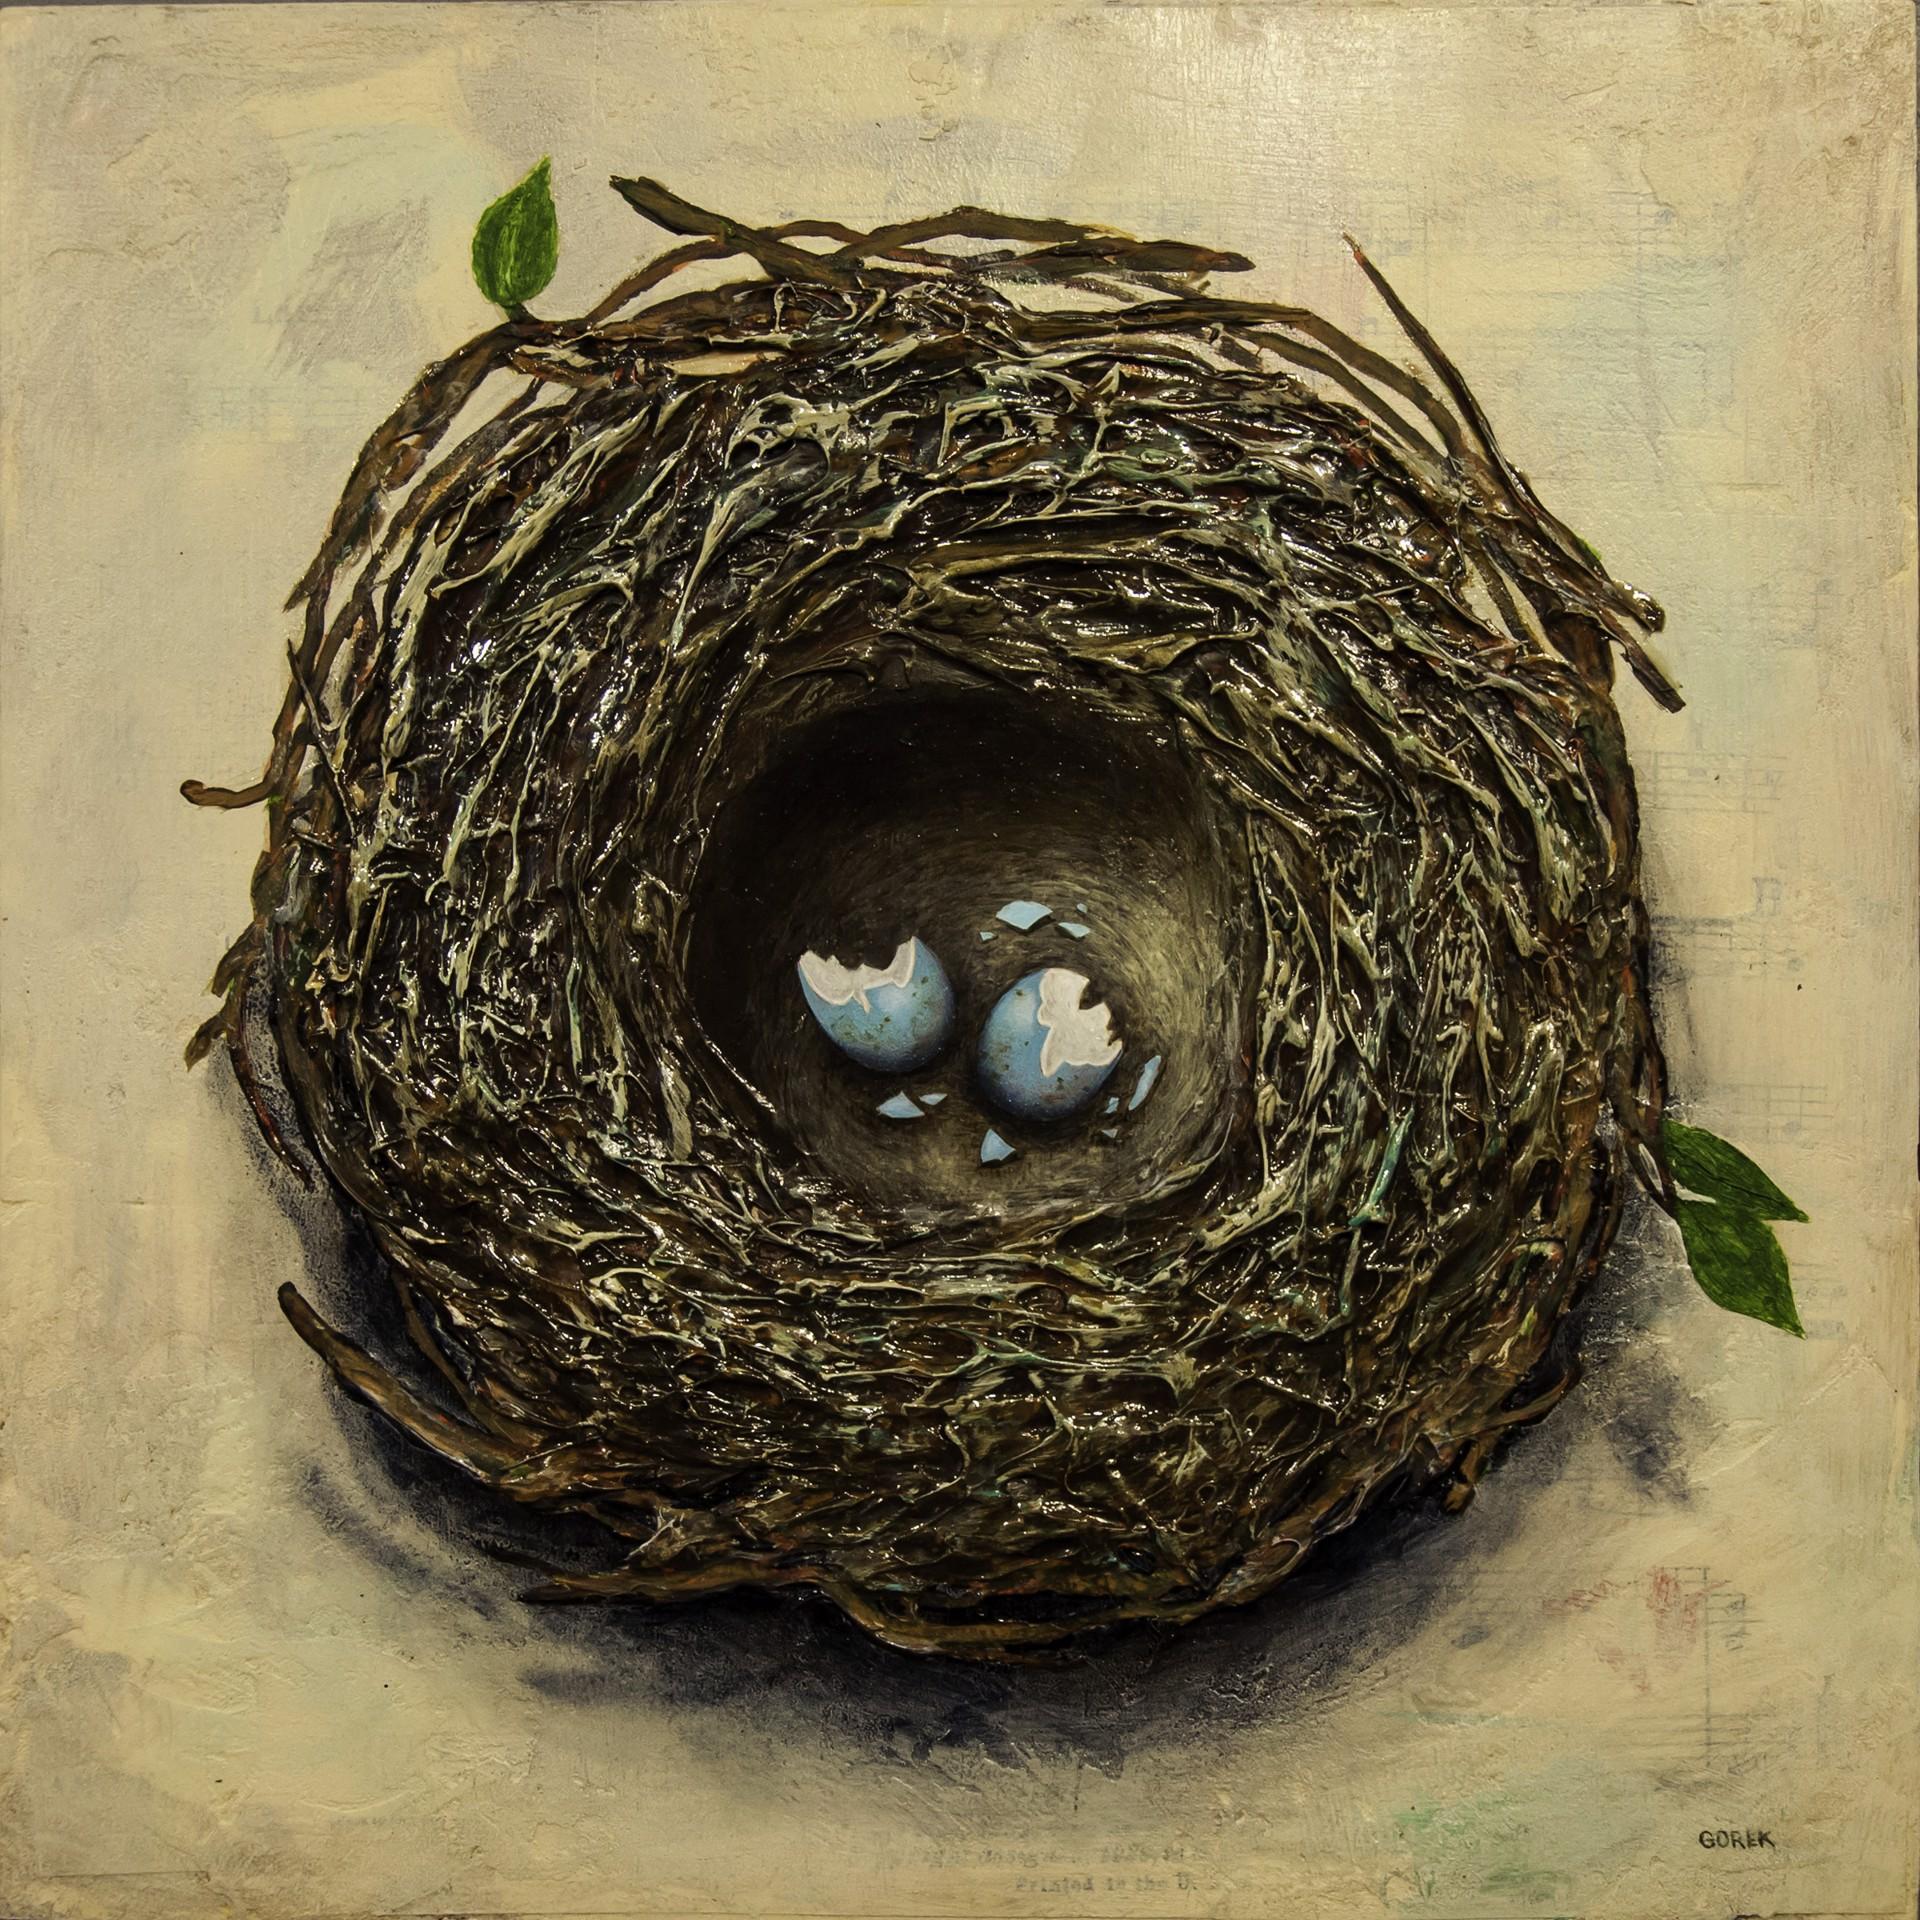 Bird's Nest 2 by Thane Gorek